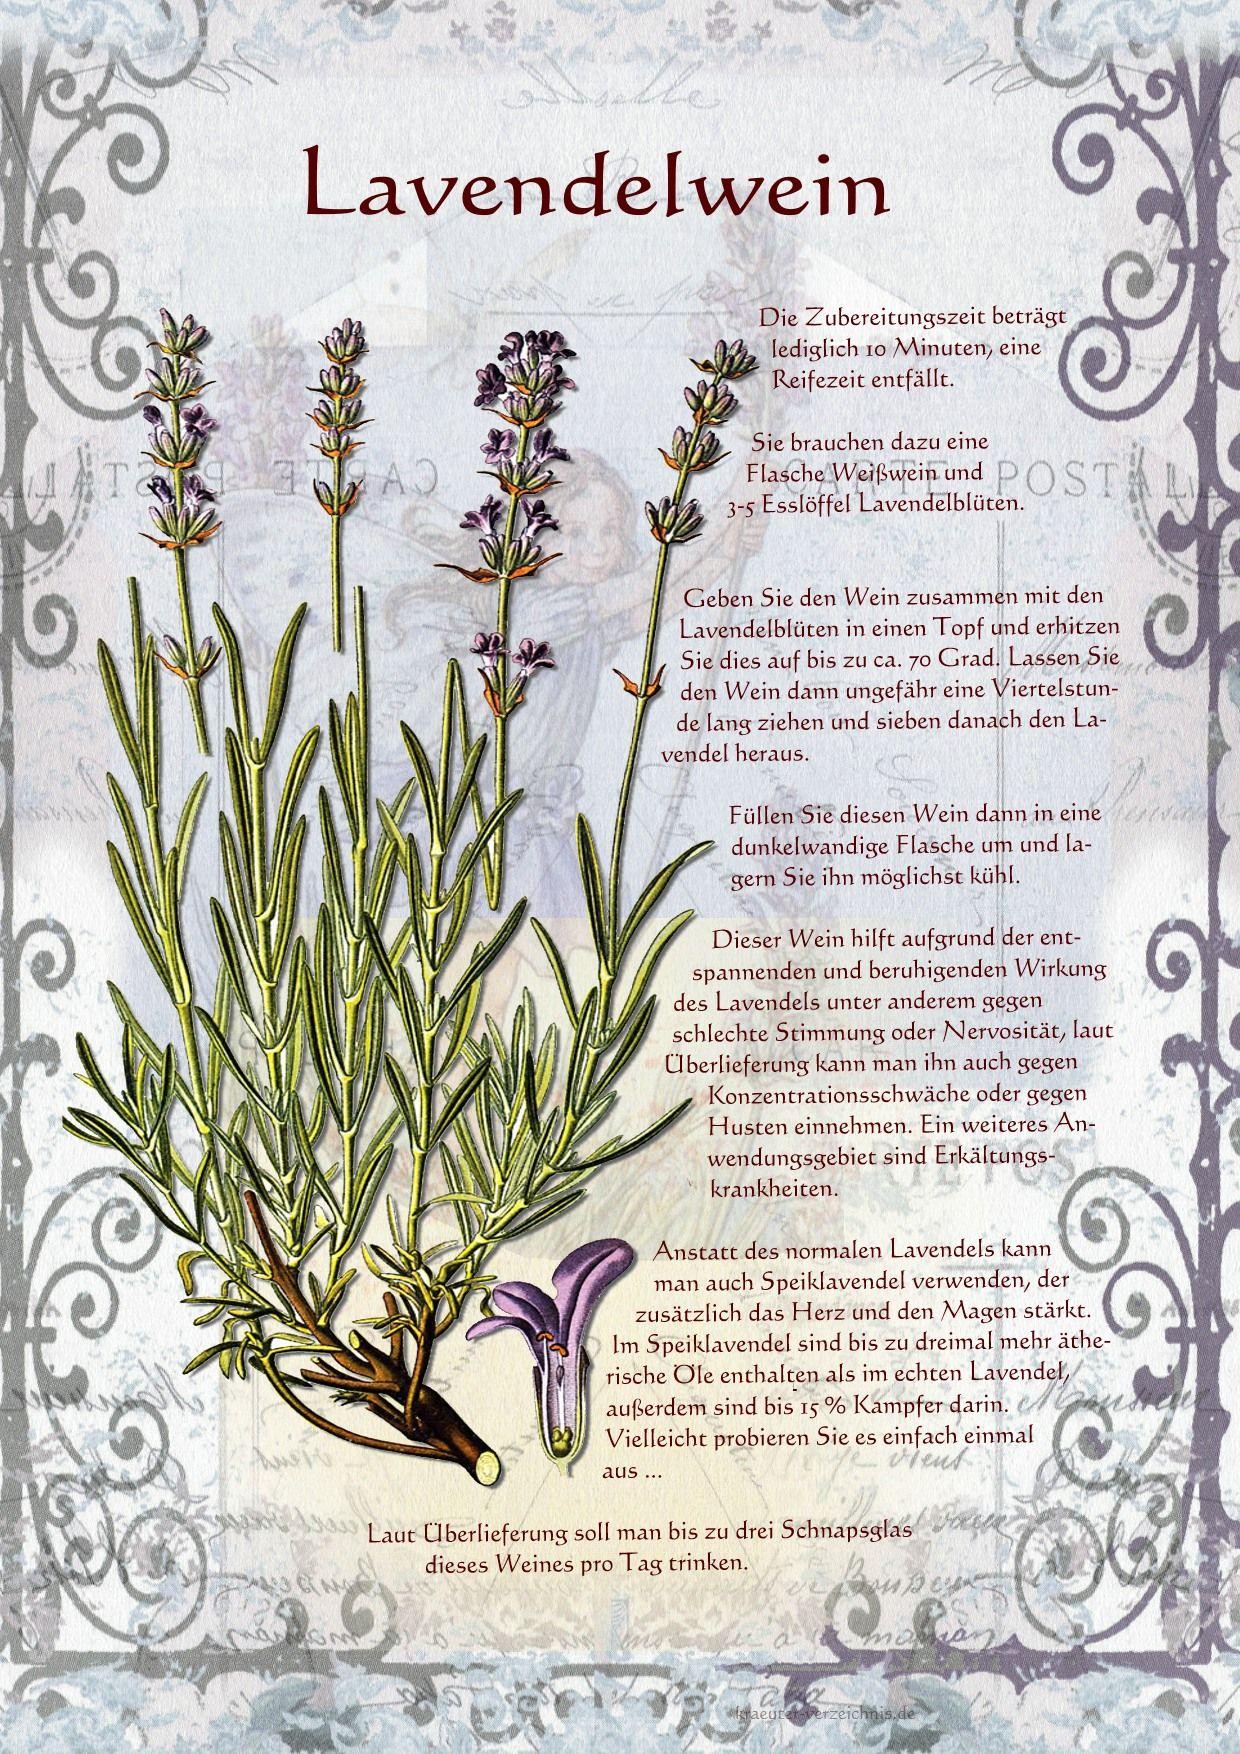 Ein Lavendelwein | Hausgemacht | Pinterest | Herbs, Plants and ...